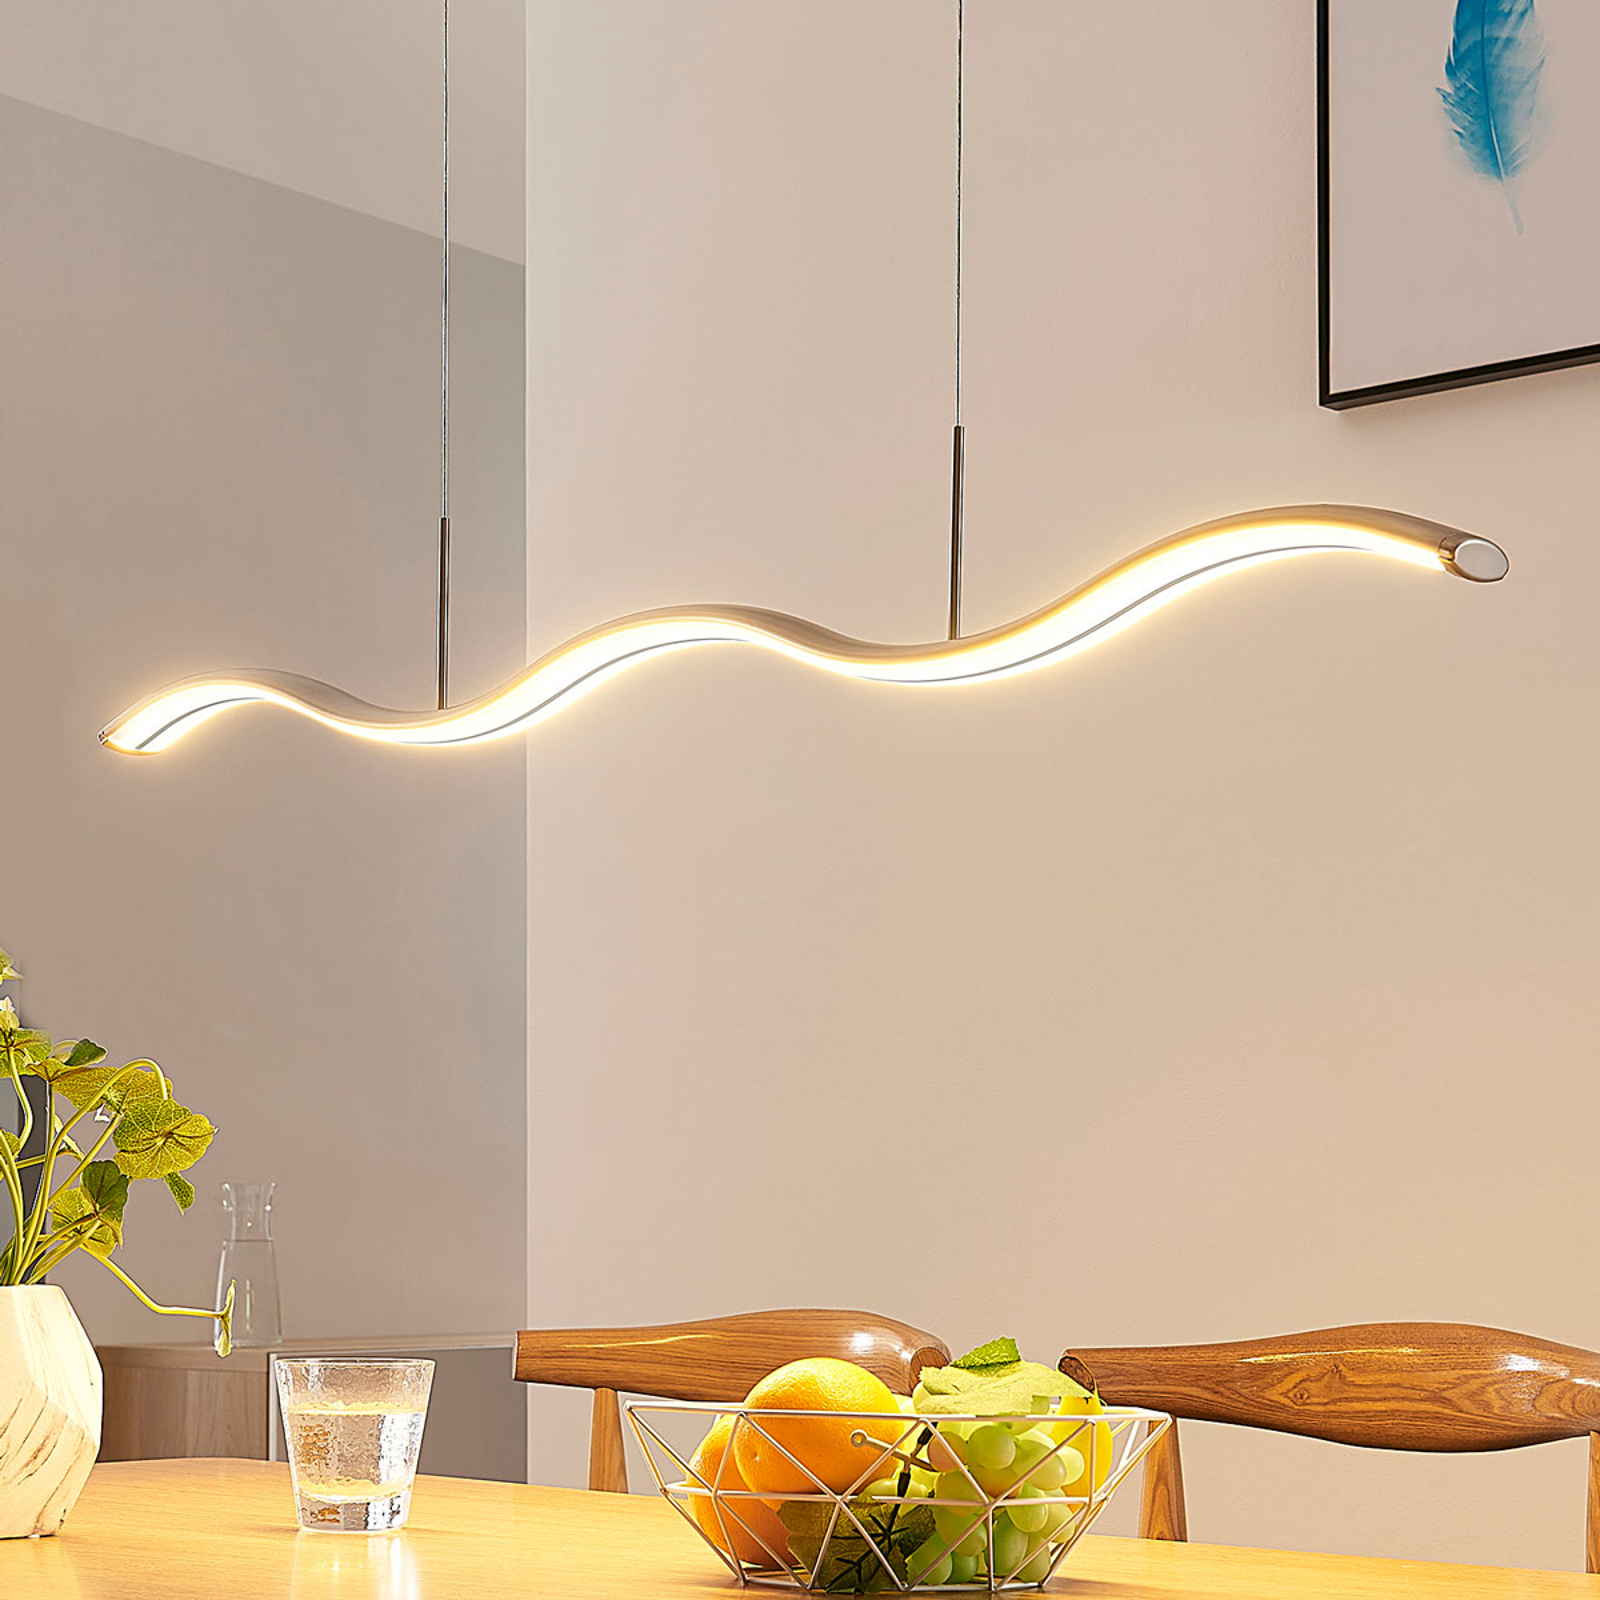 LED-Hängelampe Brama, wellenförmig